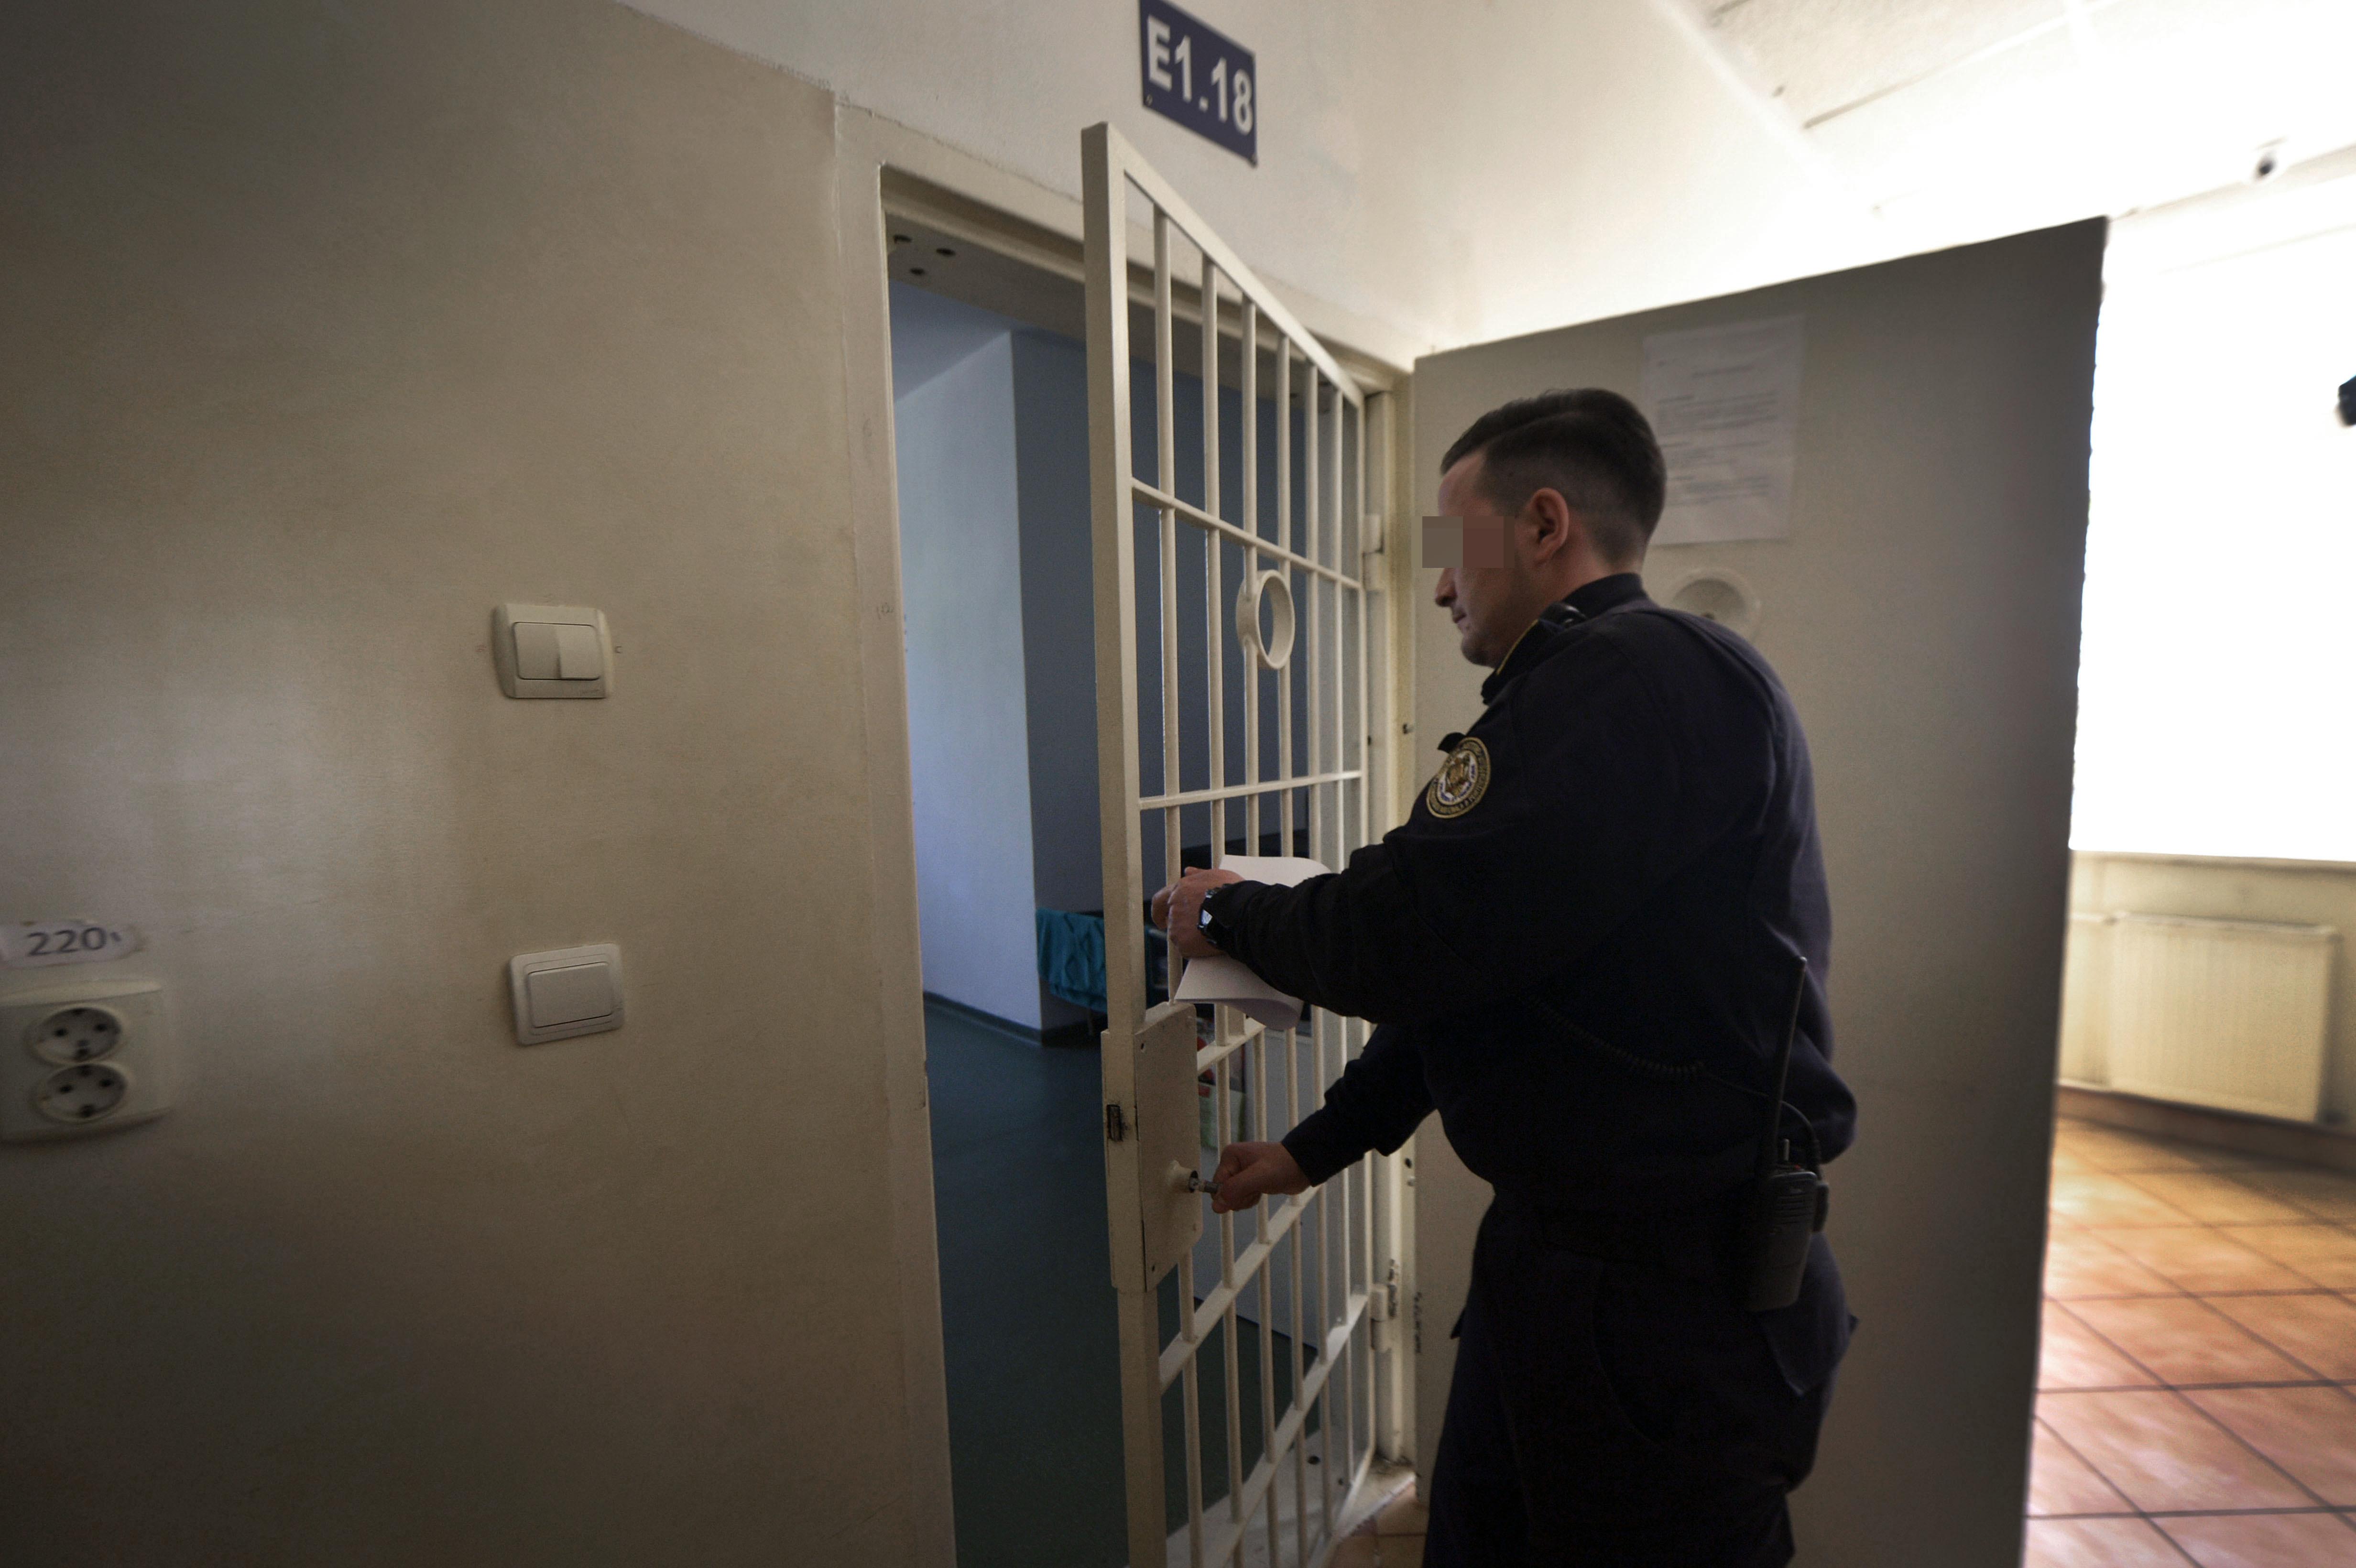 Sindicatele din Administraţia Penitenciarelor: Aproape jumătate din personal a anunţat că REFUZĂ efectuarea orelor suplimentare/ REPROŞURILE angajaţilor din închisori către Ministrul Justiţiei